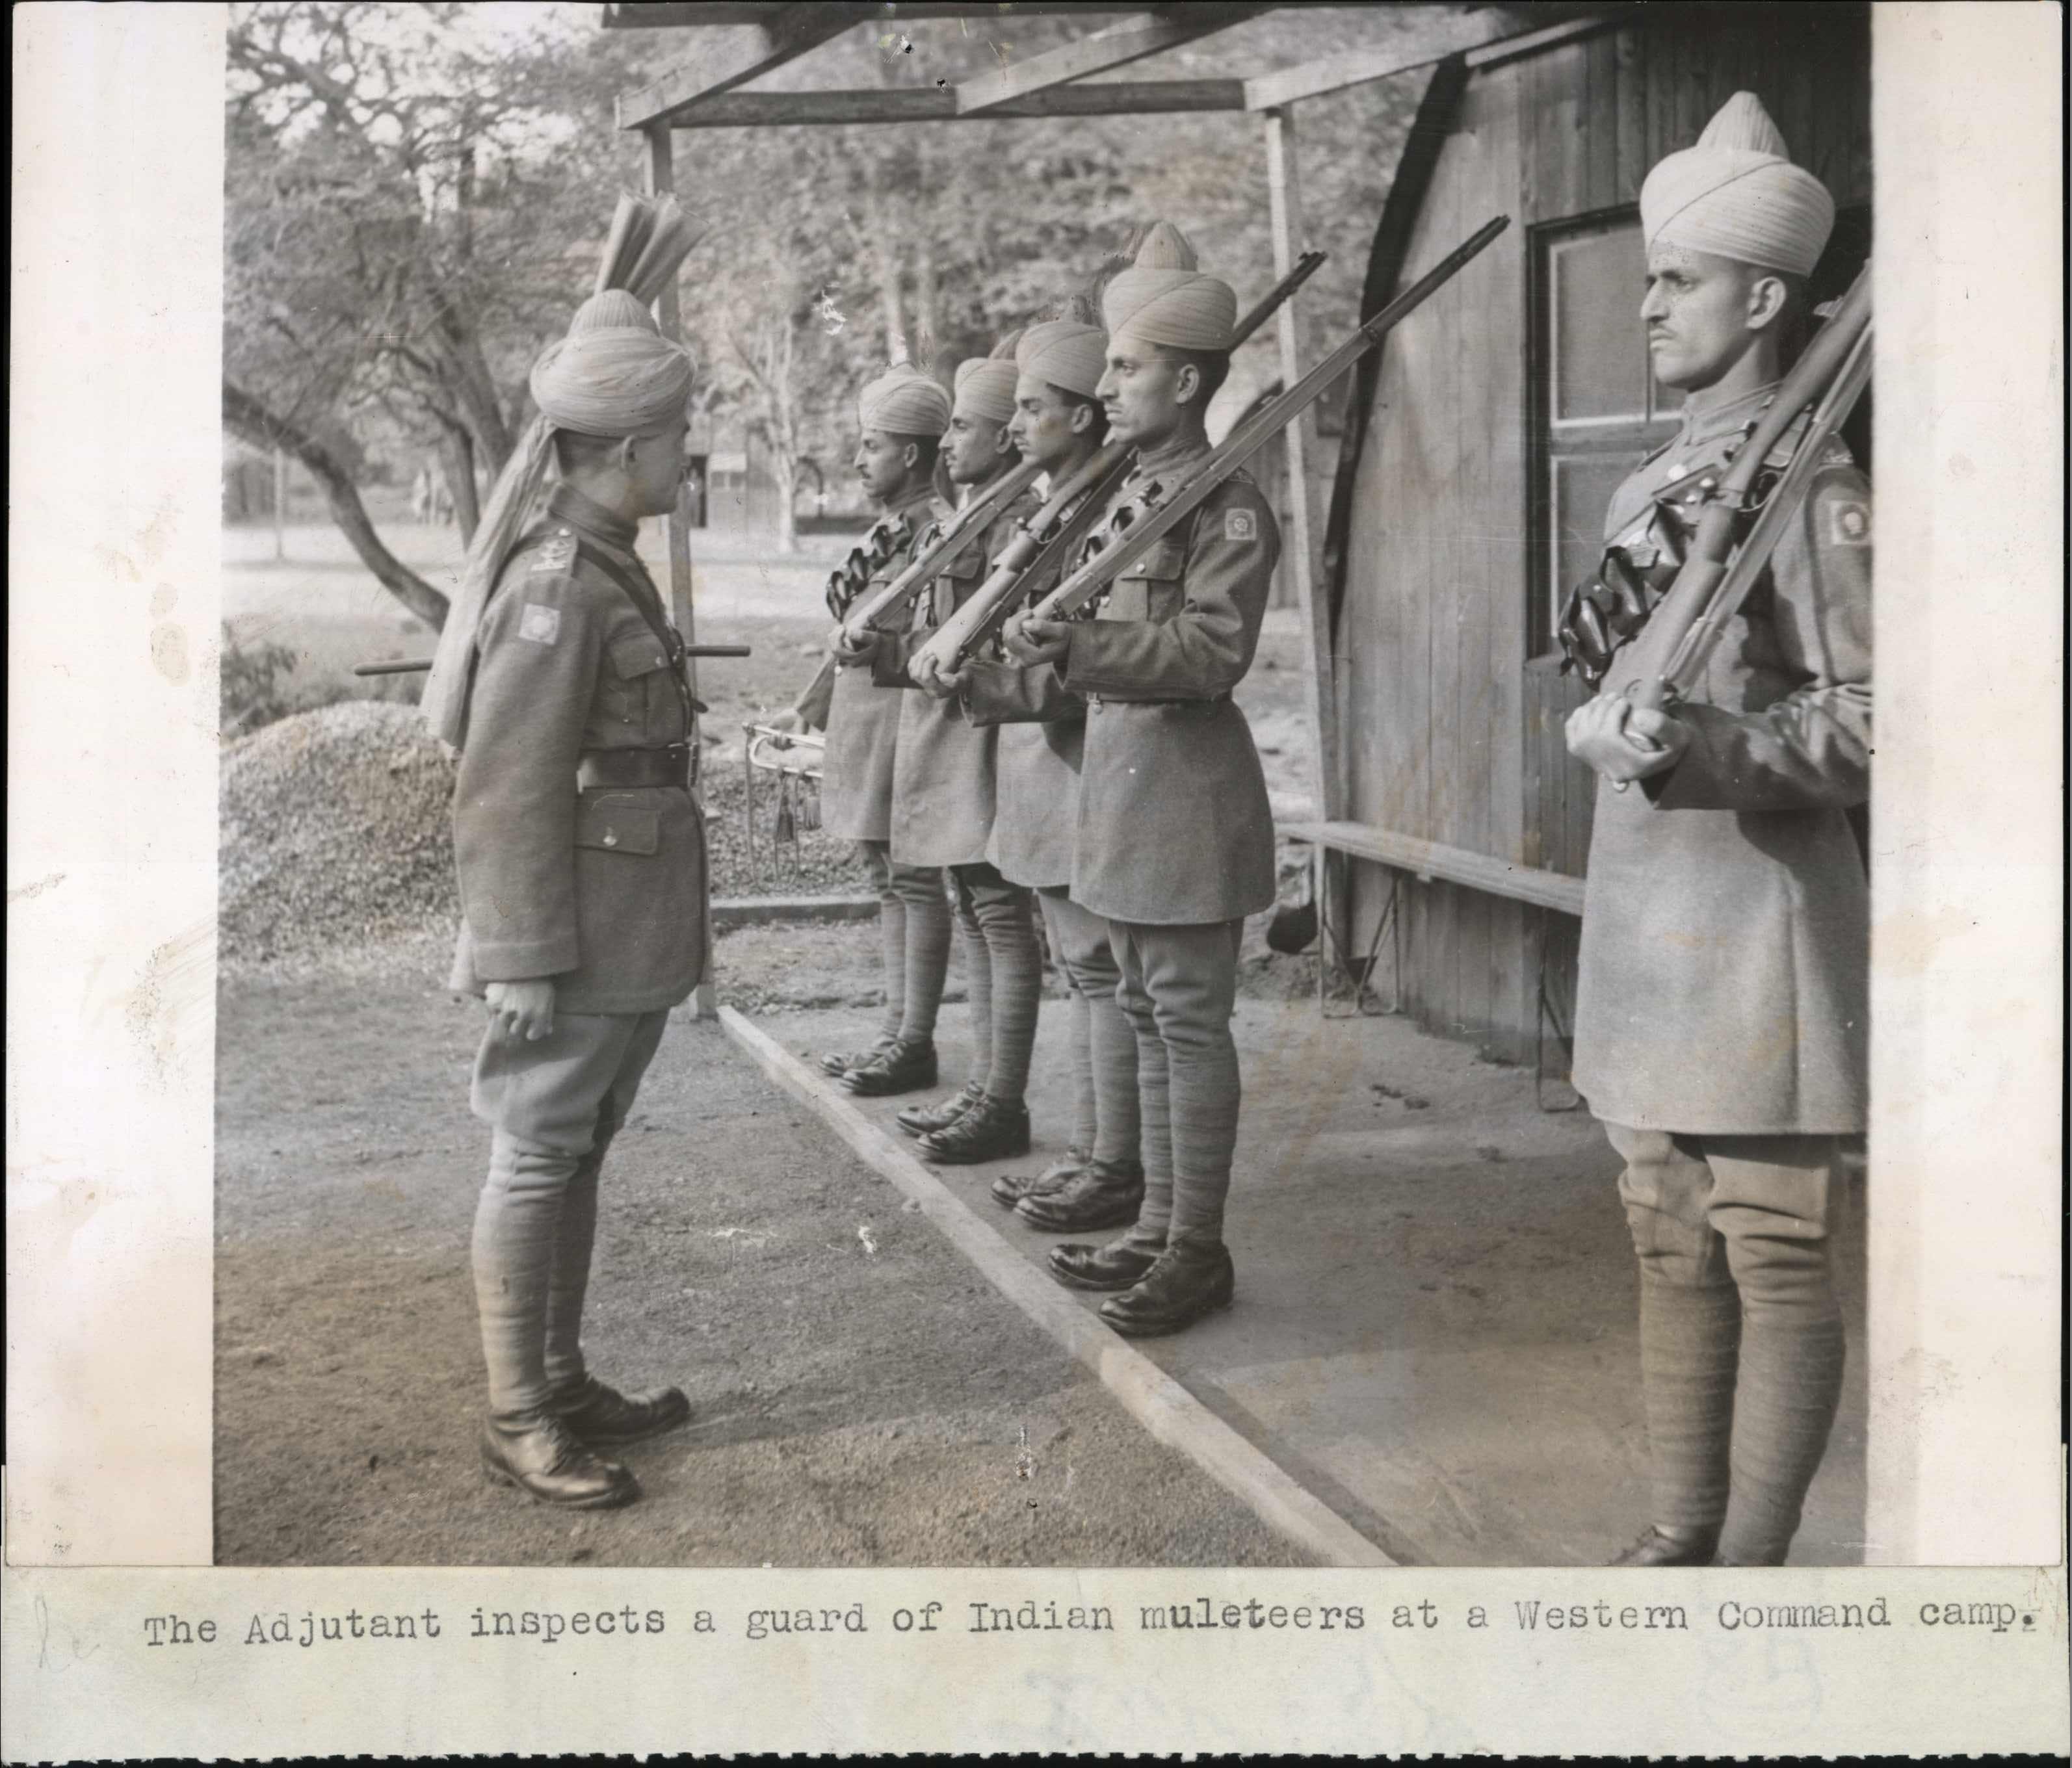 British Indian Army, WW2